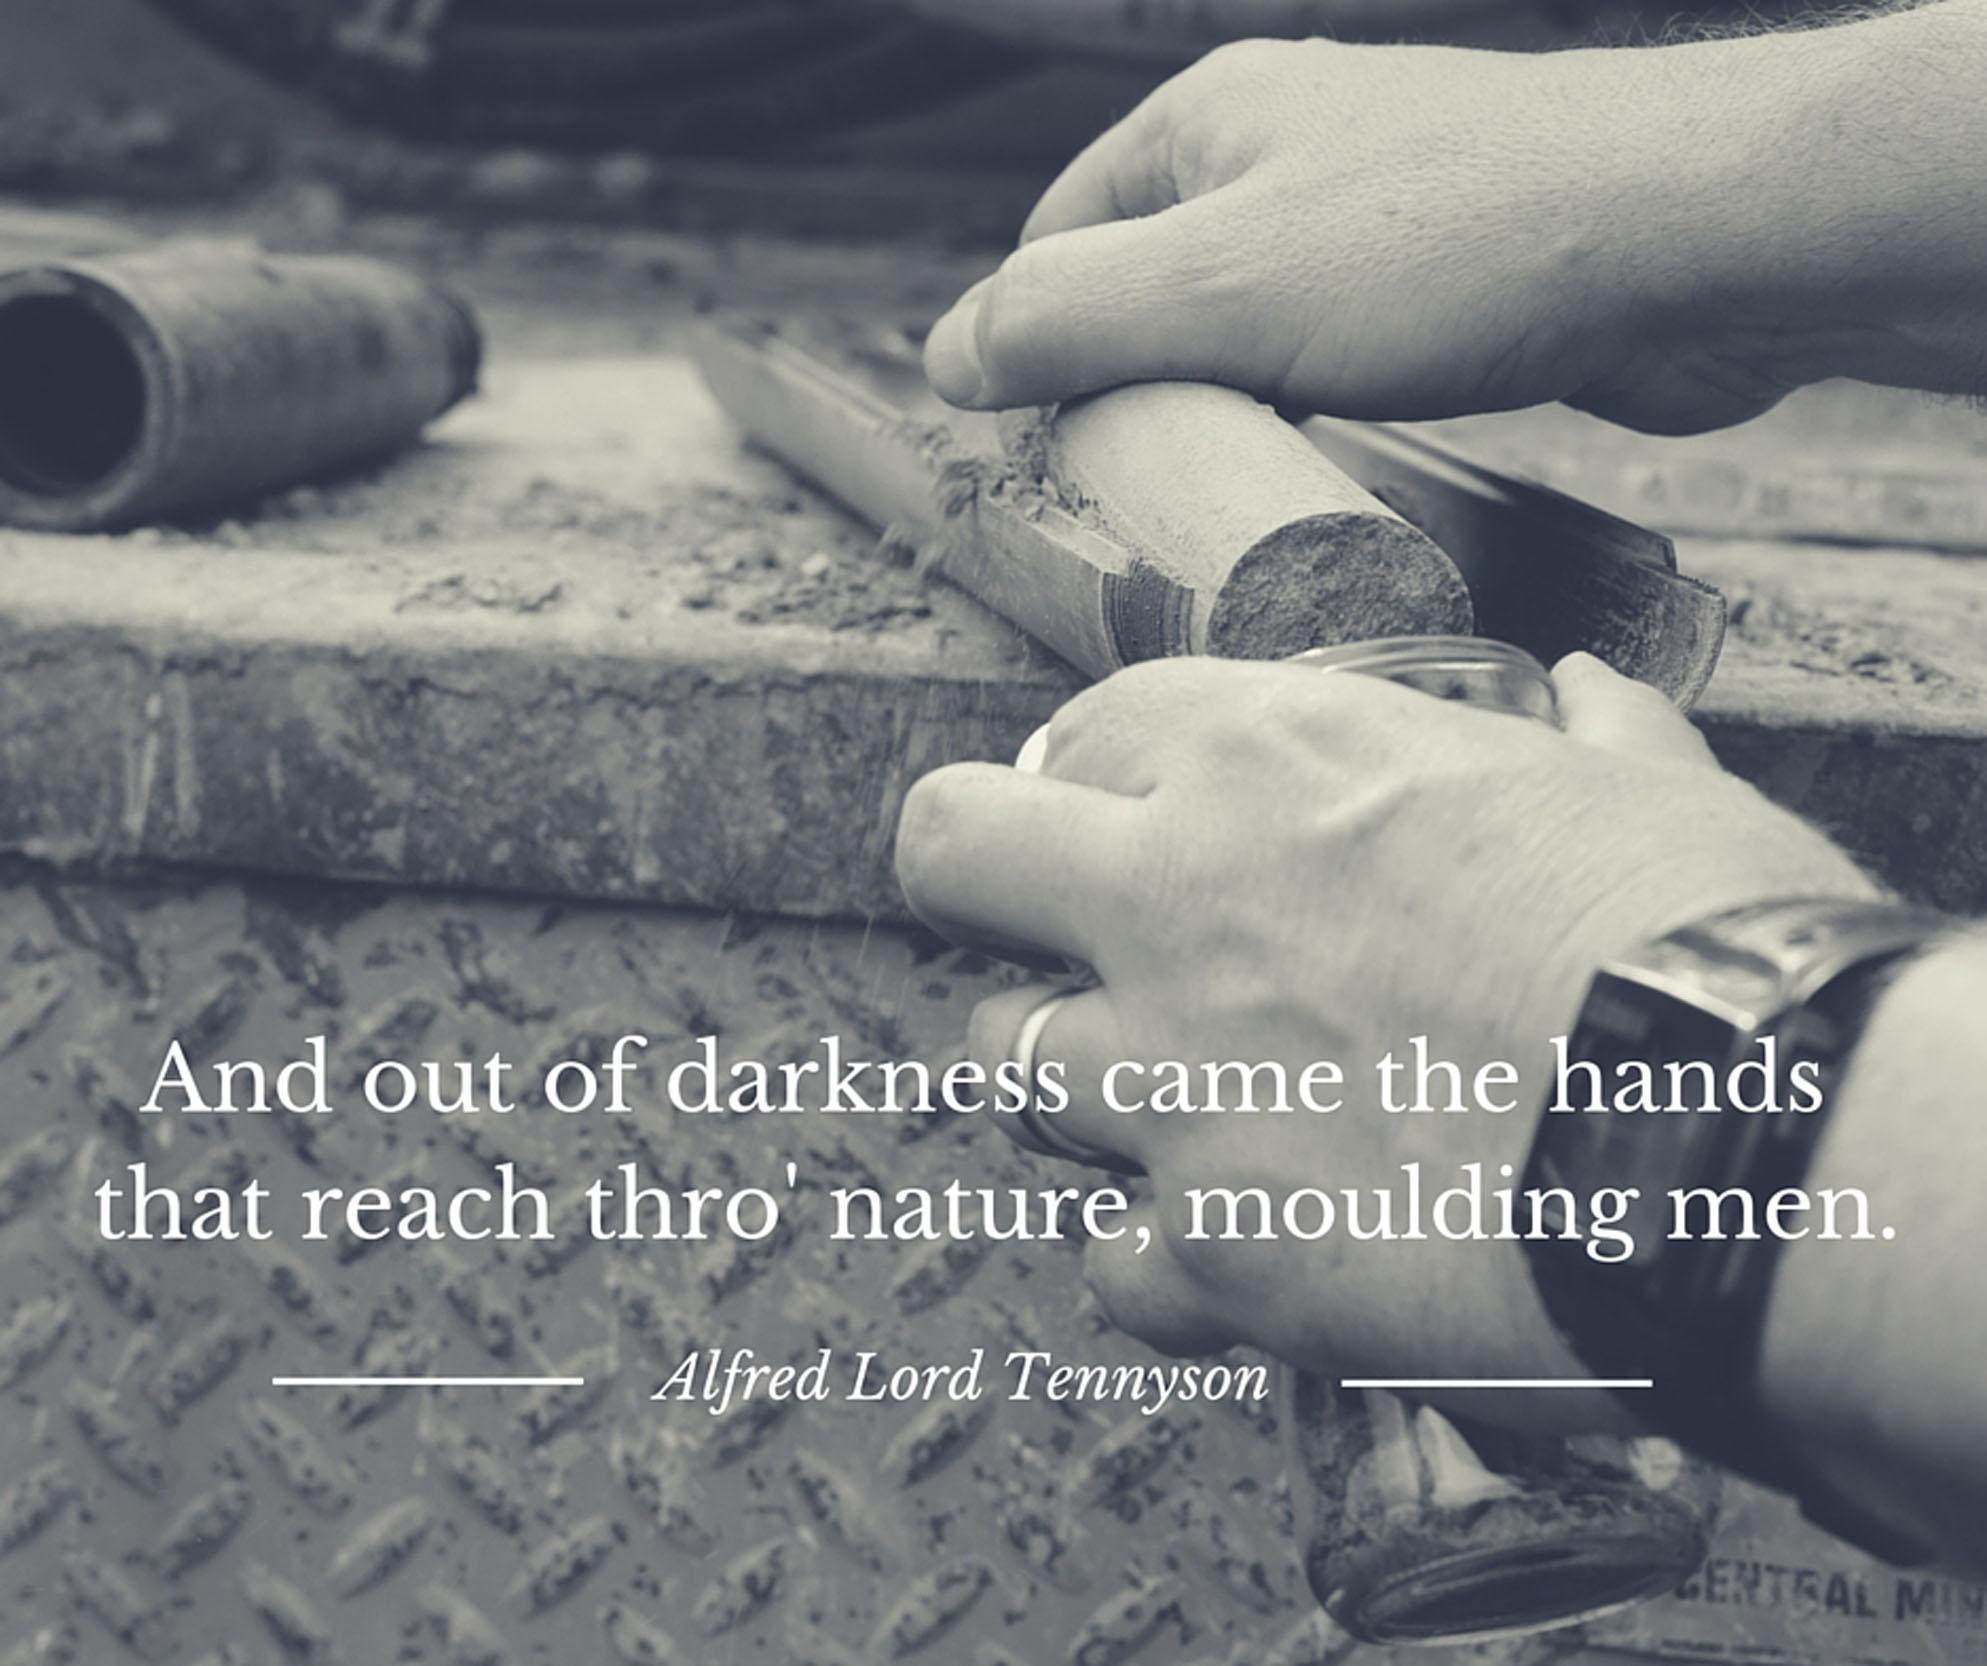 Tennyson quote